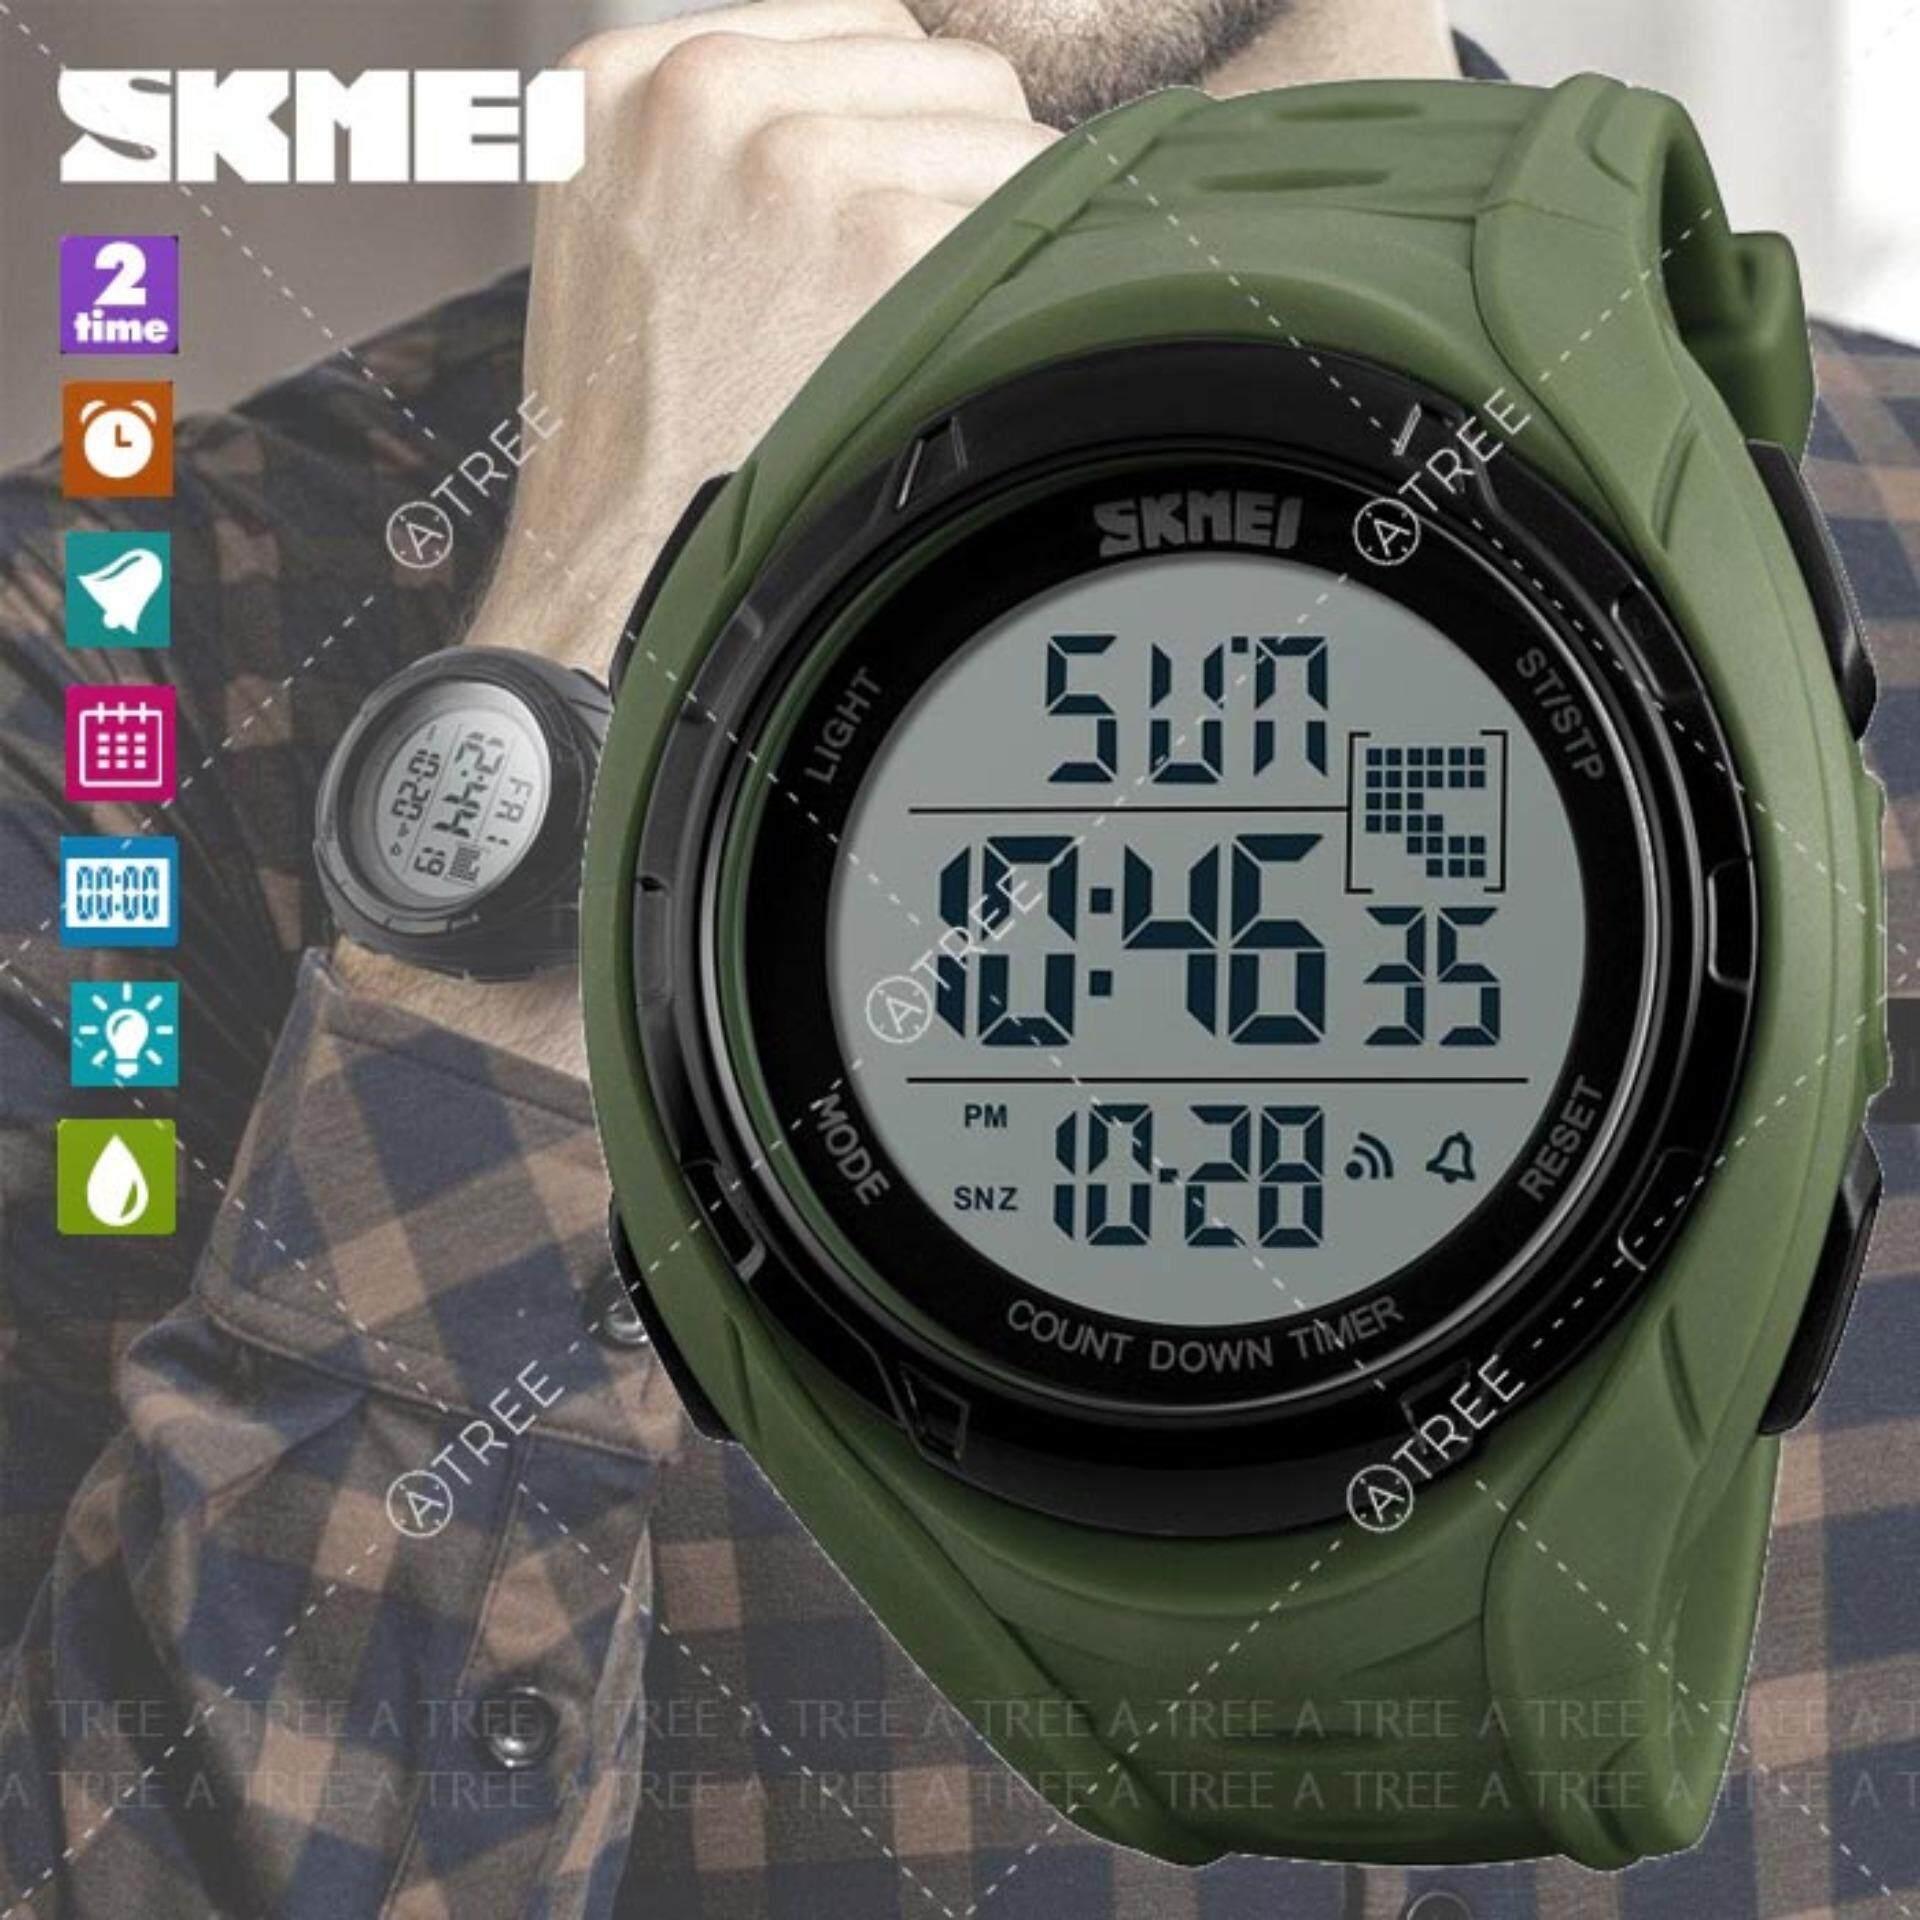 ขาย ซื้อ Skmei ของแท้ 100 ส่งในไทยไวแน่นอน นาฬิกาข้อมือ สไตล์ Sport Digital Watch บอกวันที่ ตั้งปลุก จับเวลา ตั้งเวลา 2 Time Zone ได้ ตัวเลข Led ใหญ่ ชัดเจน กันน้ำ สายเรซิ่น รุ่น Sk M1313 สีดำ สีเขียว เทา น้ำเงิน Multicolor